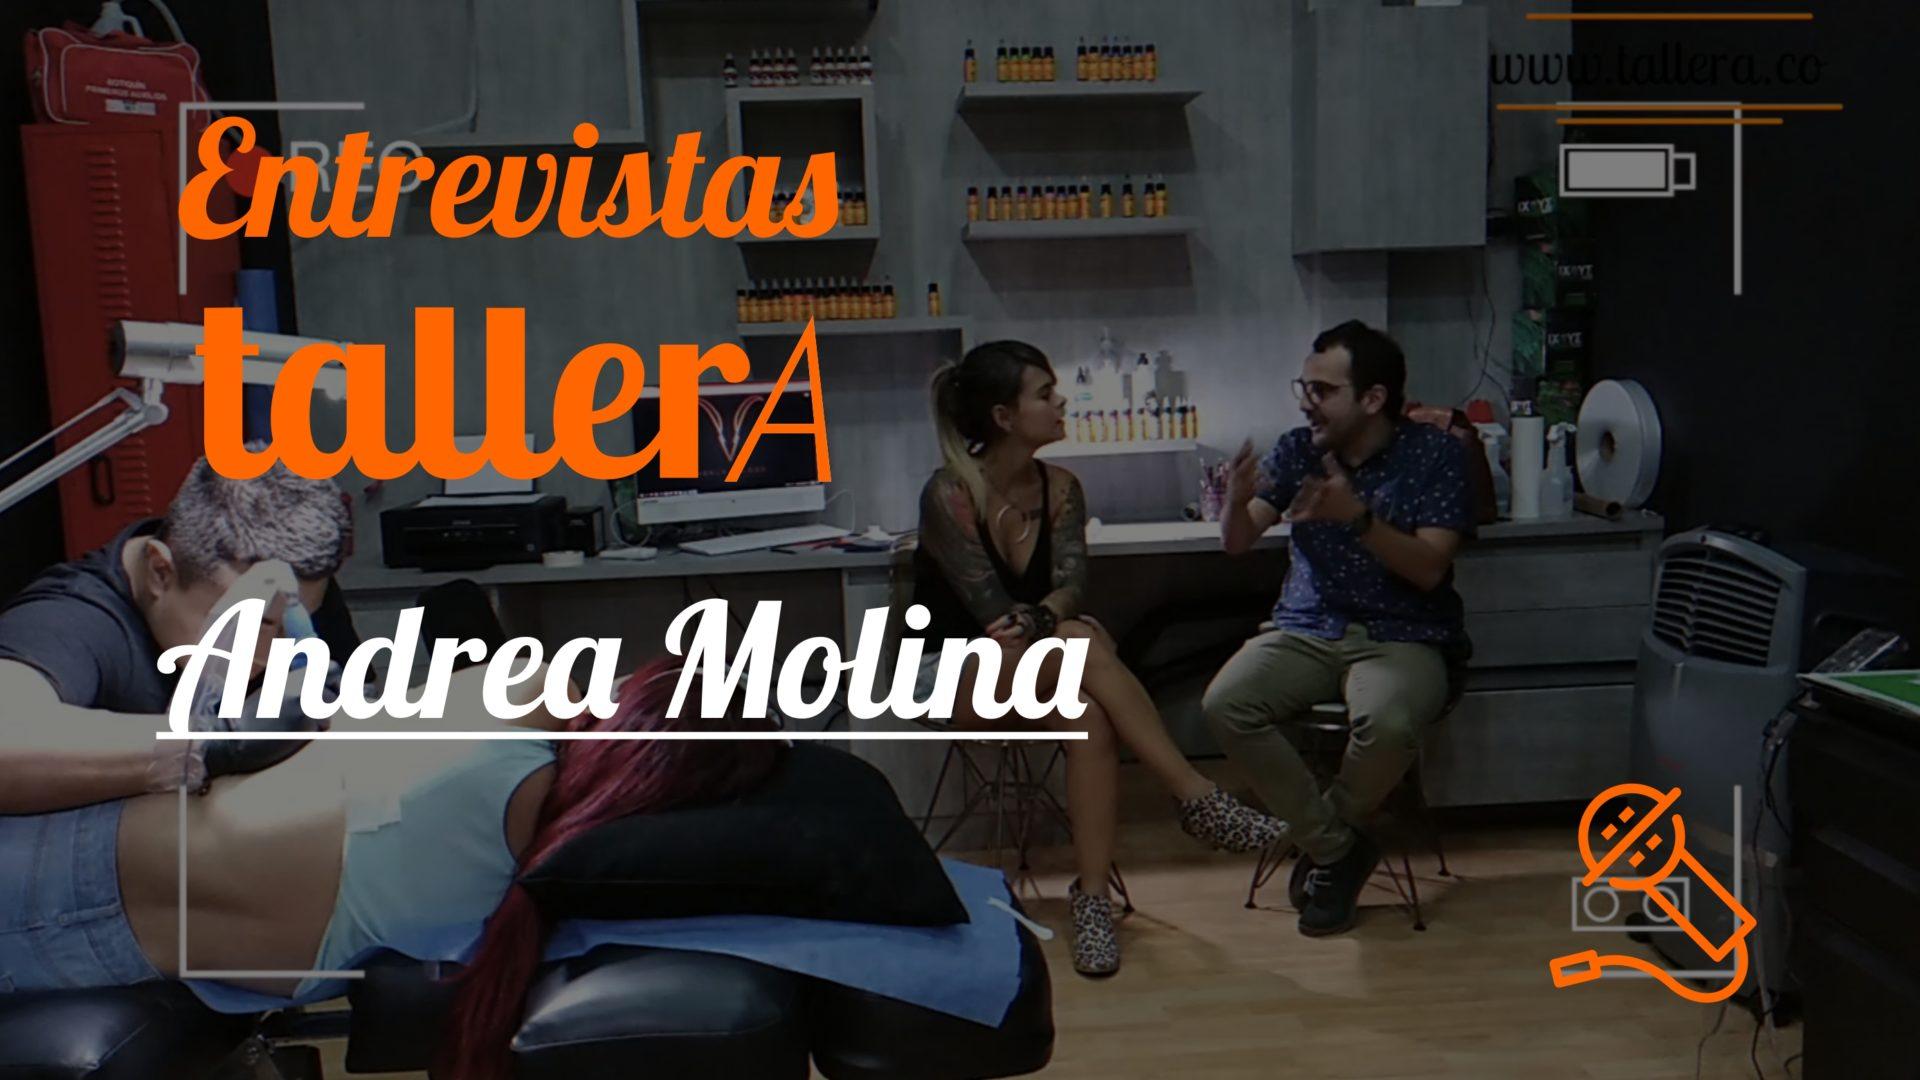 Entrevista con Andrea Molina - Una historia bonita e inspiradora que nos muestra que en algunos momento estamos en lugares donde sentimos no pertenecer y muchas veces el miedo a seguir nuestros sueños y nuestros propósitos son las barreras más grandes que tenemos.Andy Molina, una mujer que nos inspira.@andymolinab